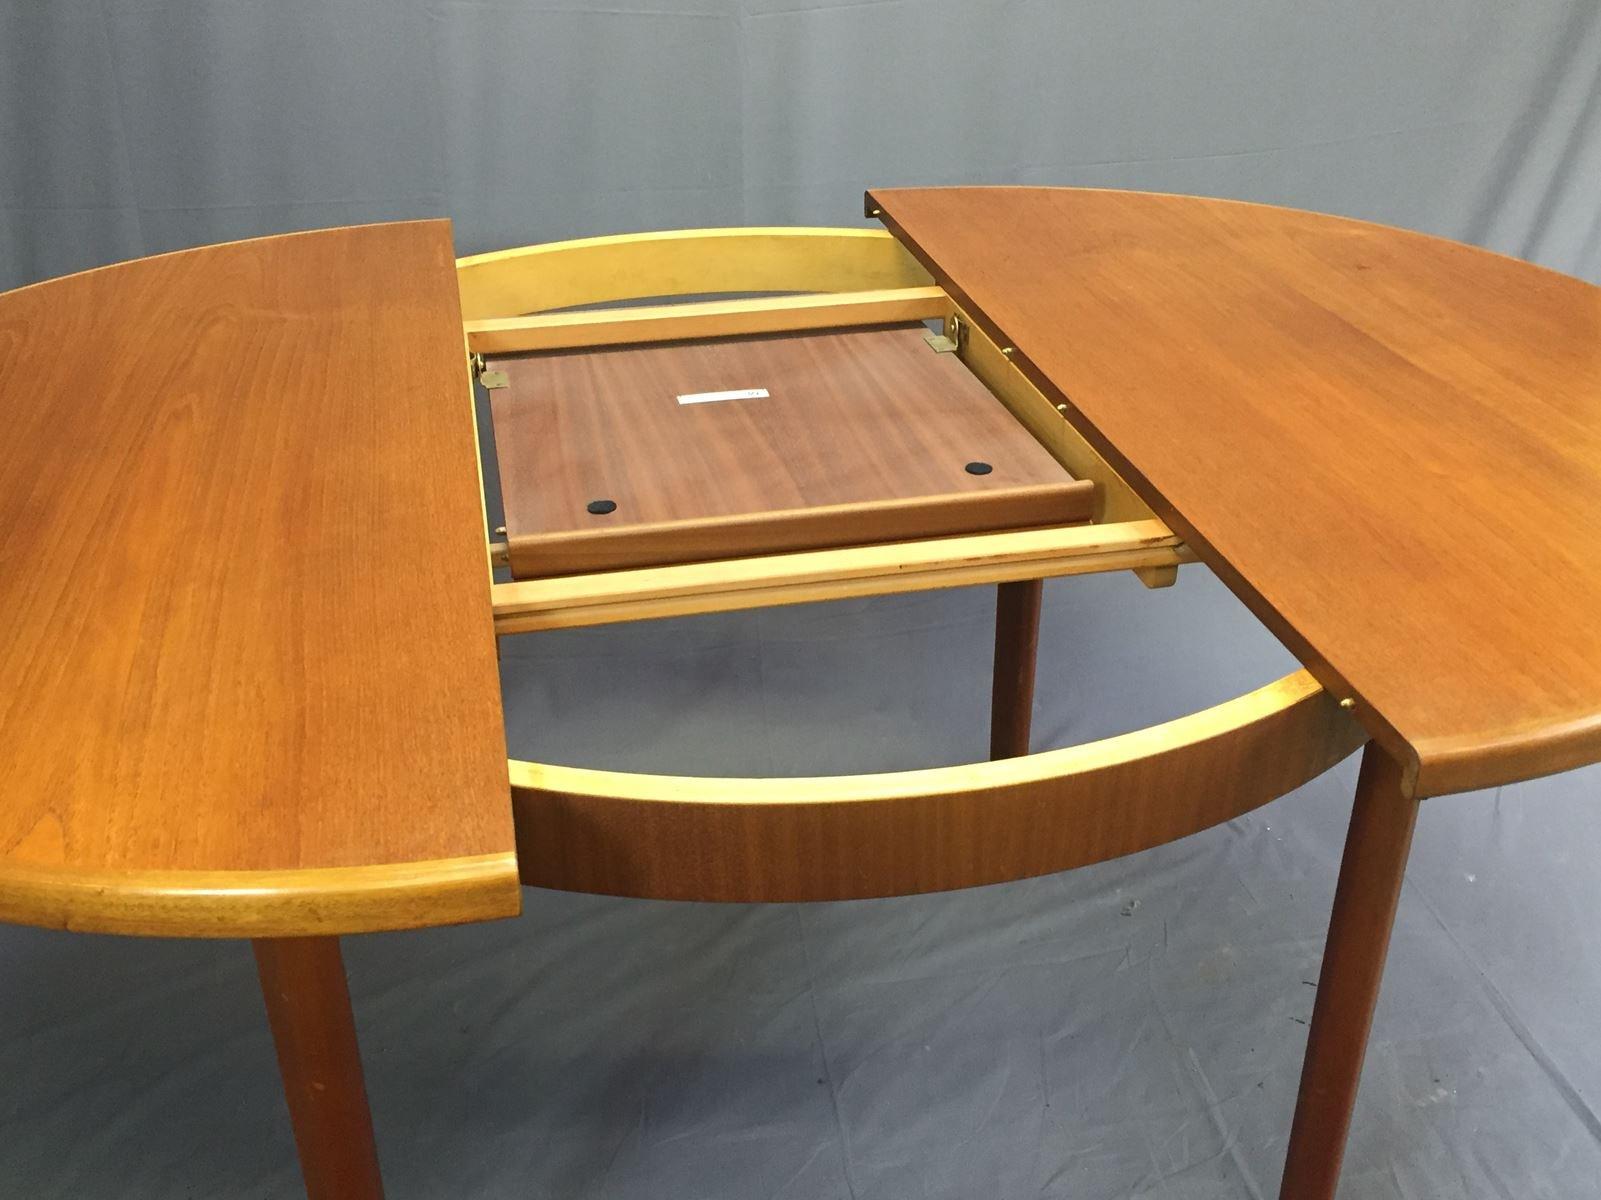 ovaler vintage tisch im skandinavischen stil von mcintosh 1970er bei pamono kaufen. Black Bedroom Furniture Sets. Home Design Ideas